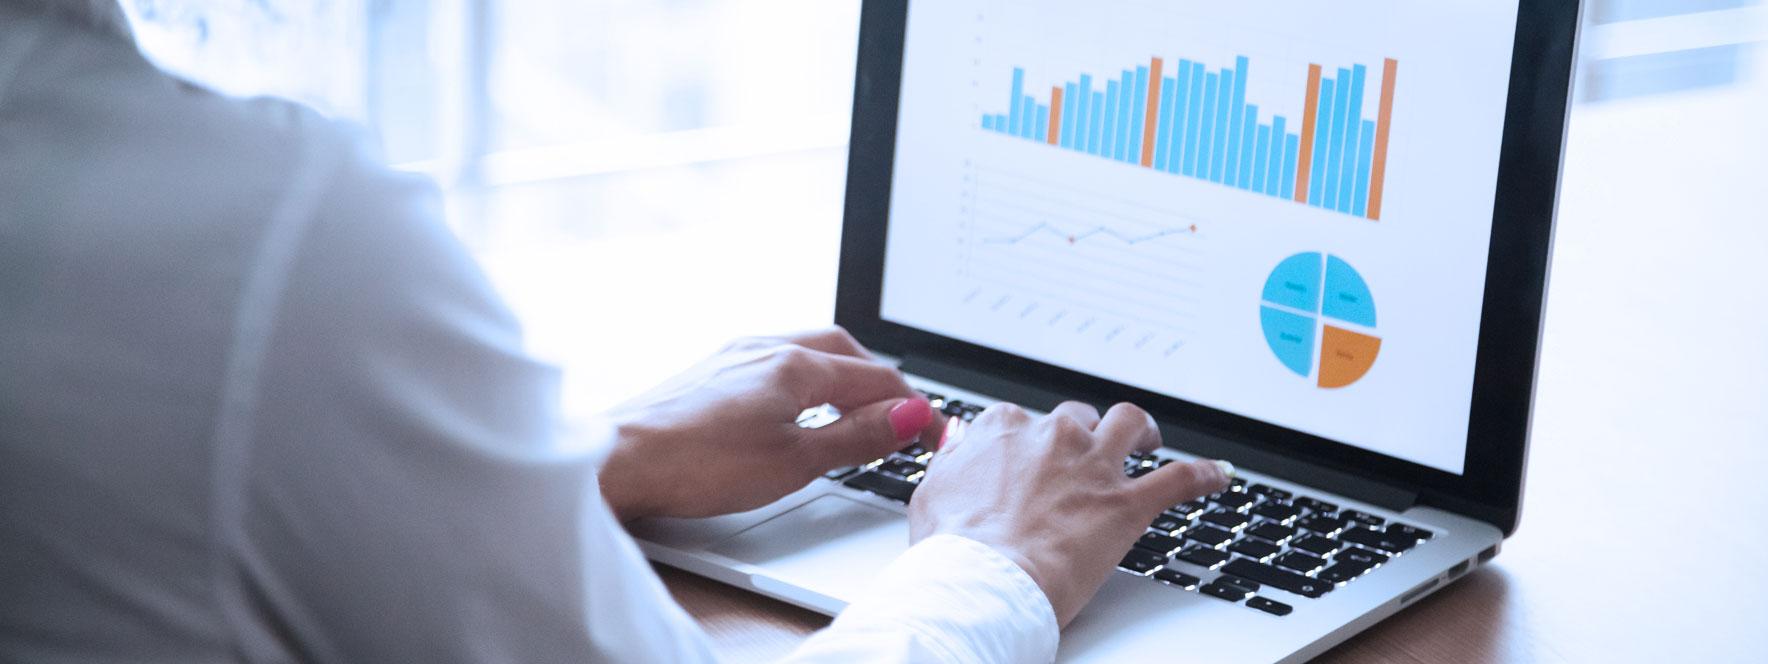 Stratégies marketing peu coûteuses - Blogue du Réseau des massothérapeutes